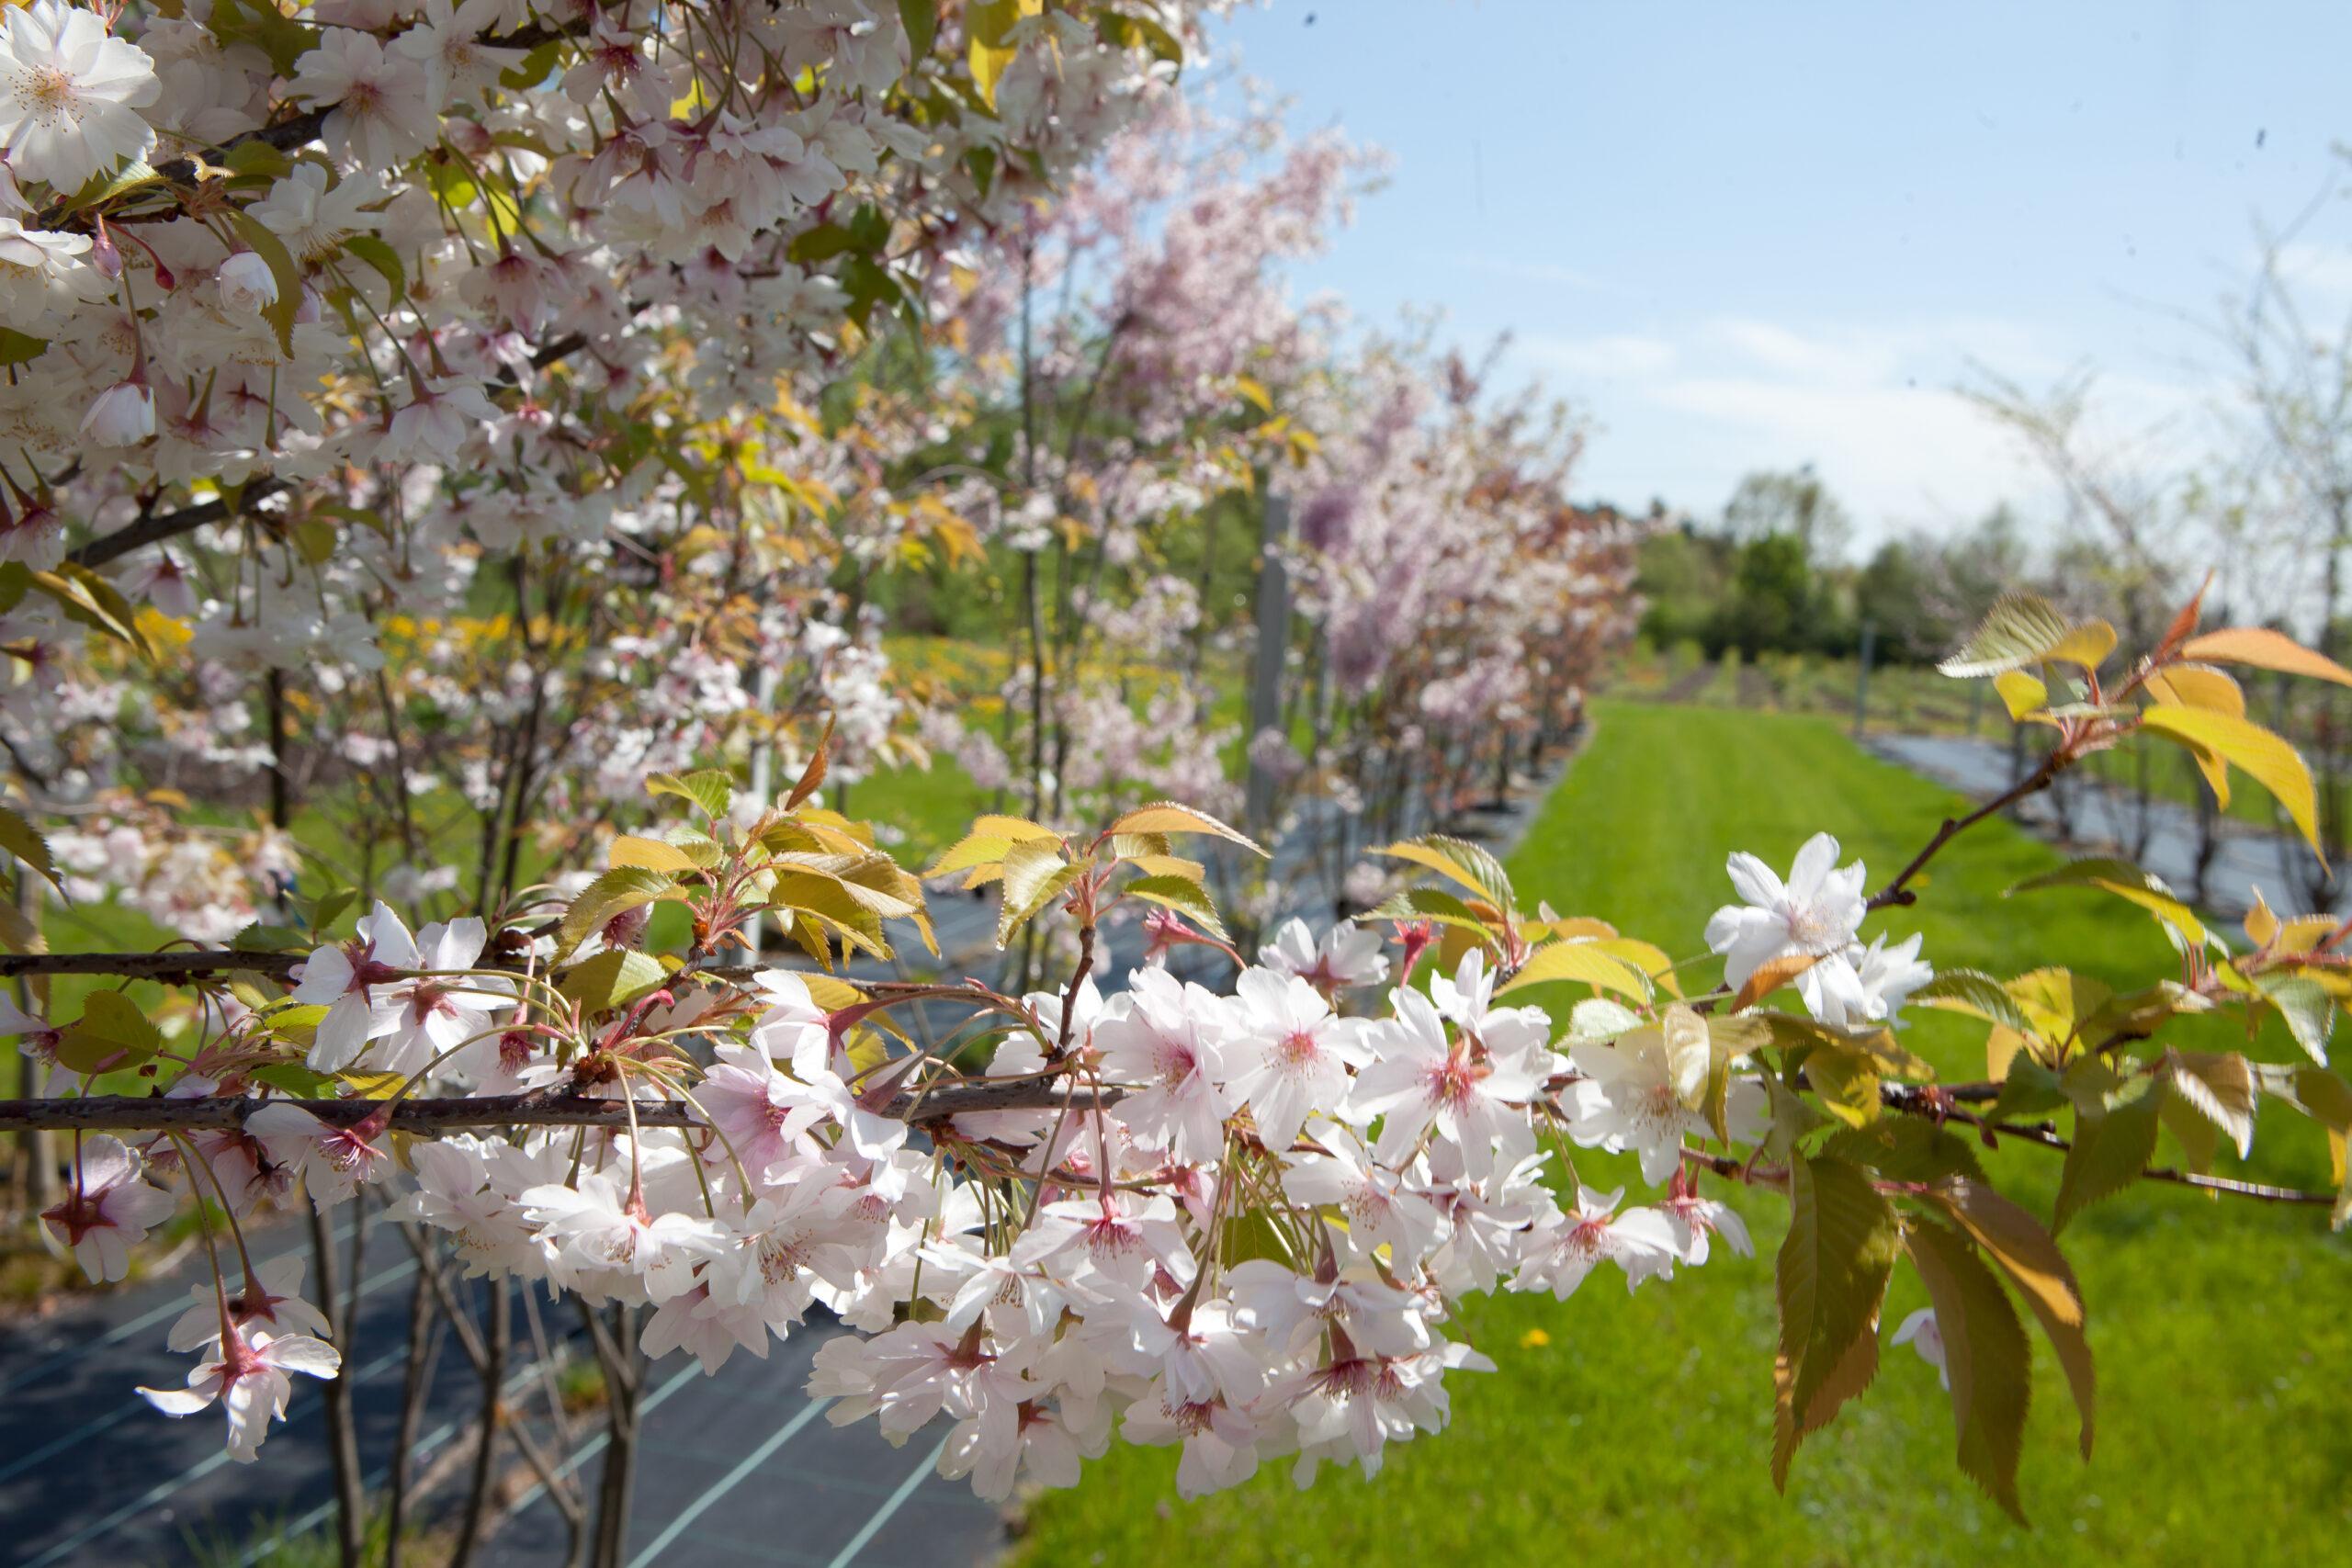 Späth'sche Baumschulen: Obstbaum-Produktion